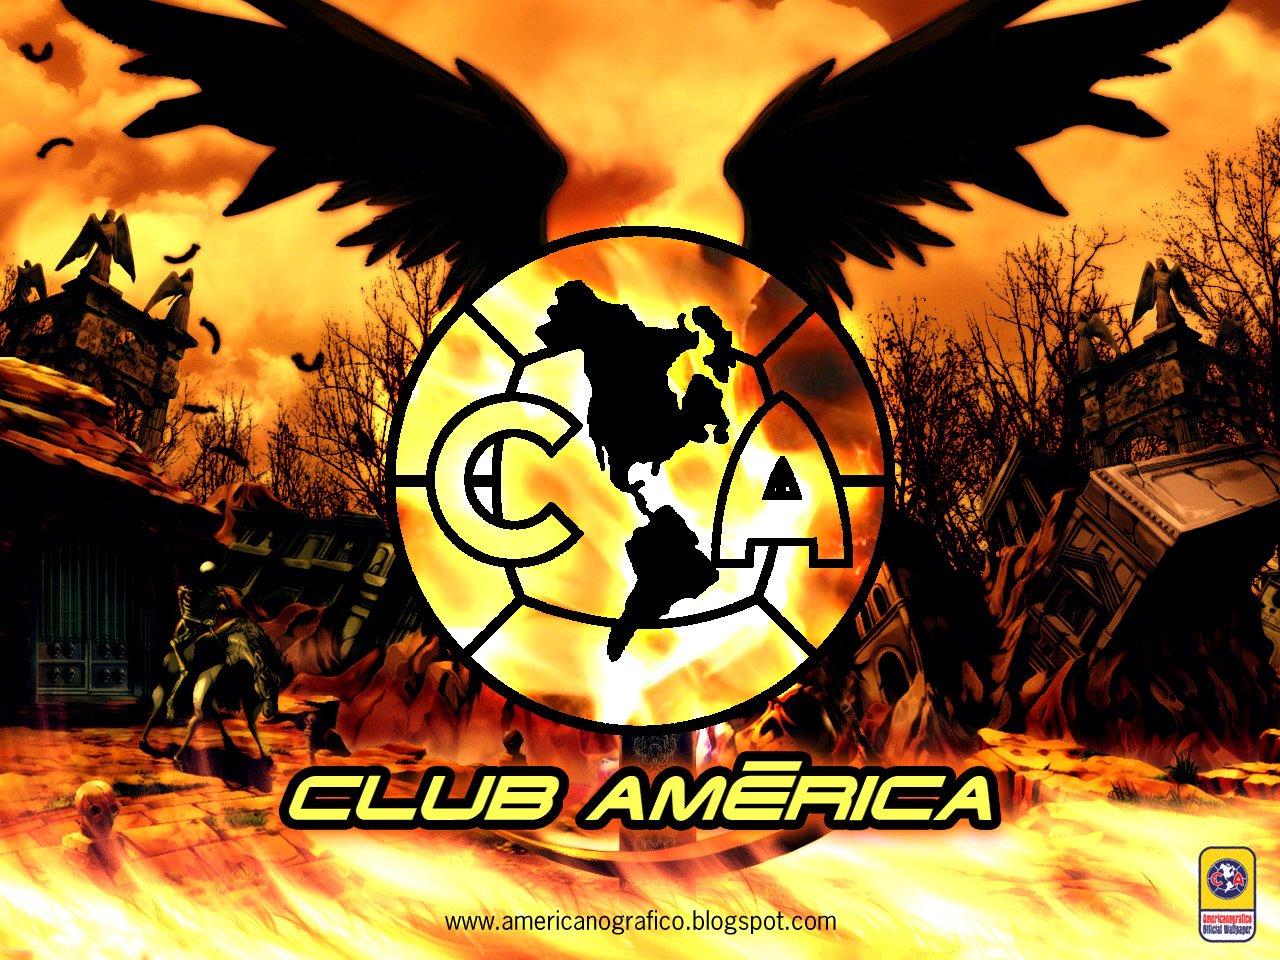 club america wallpapers club america wallpapers   Ecro 1280x960